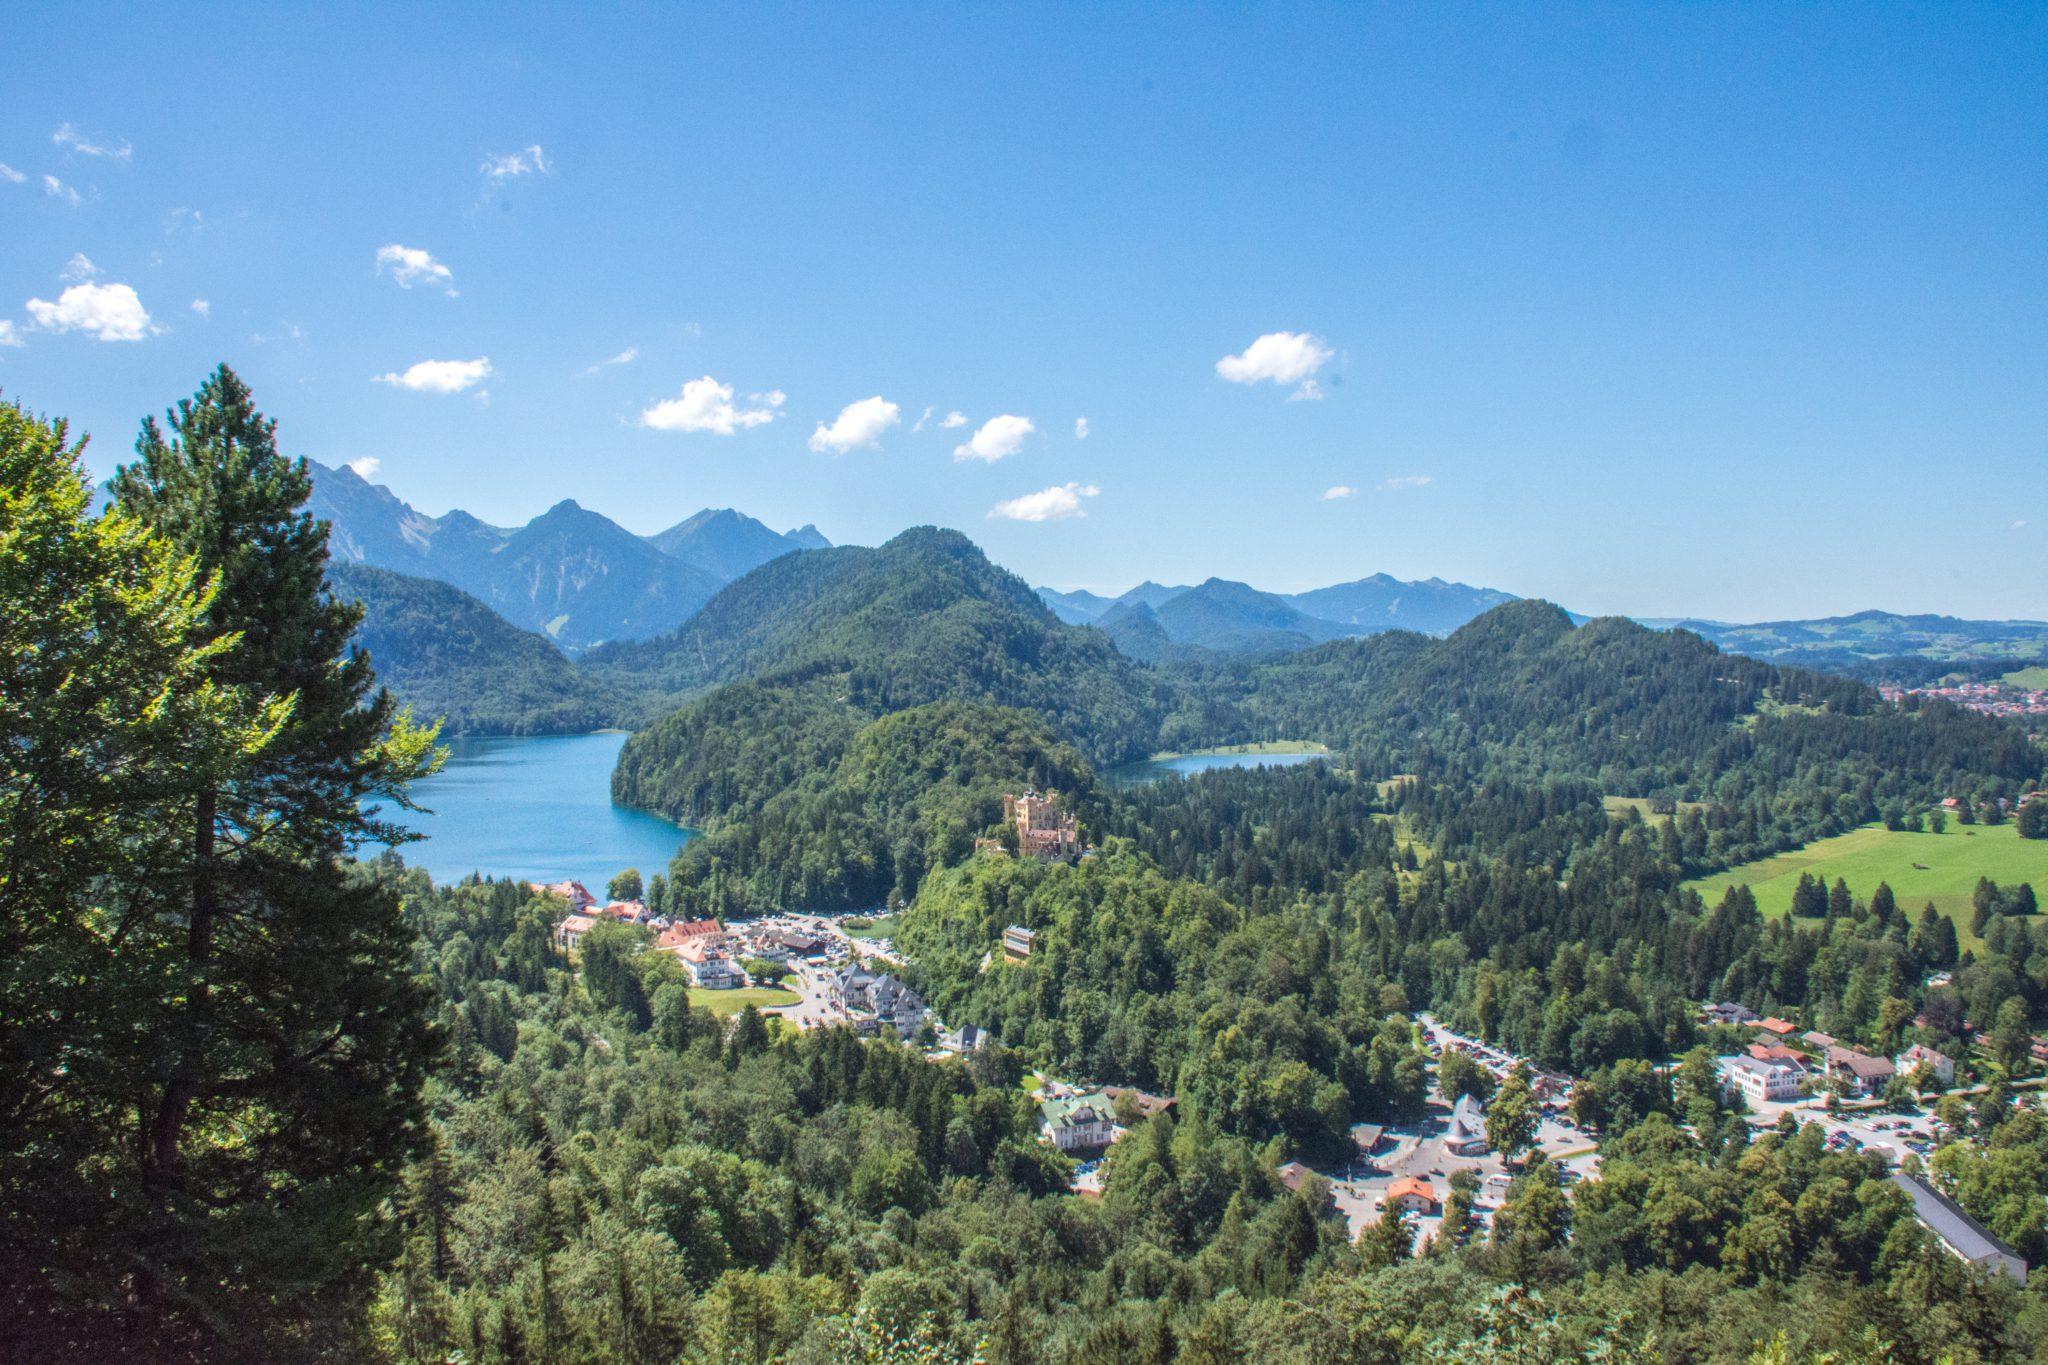 Links de Alpsee, midden Hohenschwangau en rechts Füssen. En niet te vergeten een mooi uitzicht over Beieren.